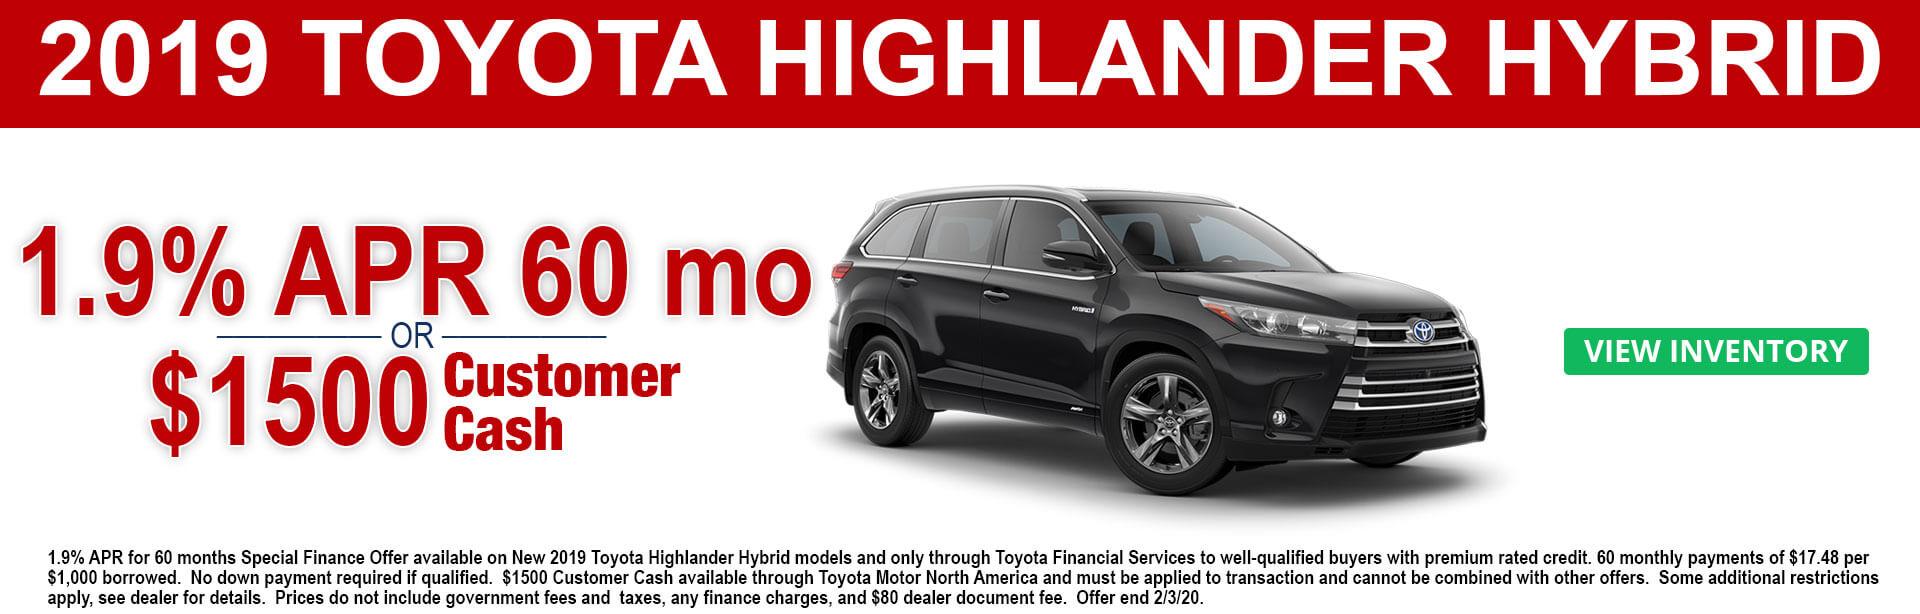 2019 Toyota Highlander Hybrid APR and Cash Offer